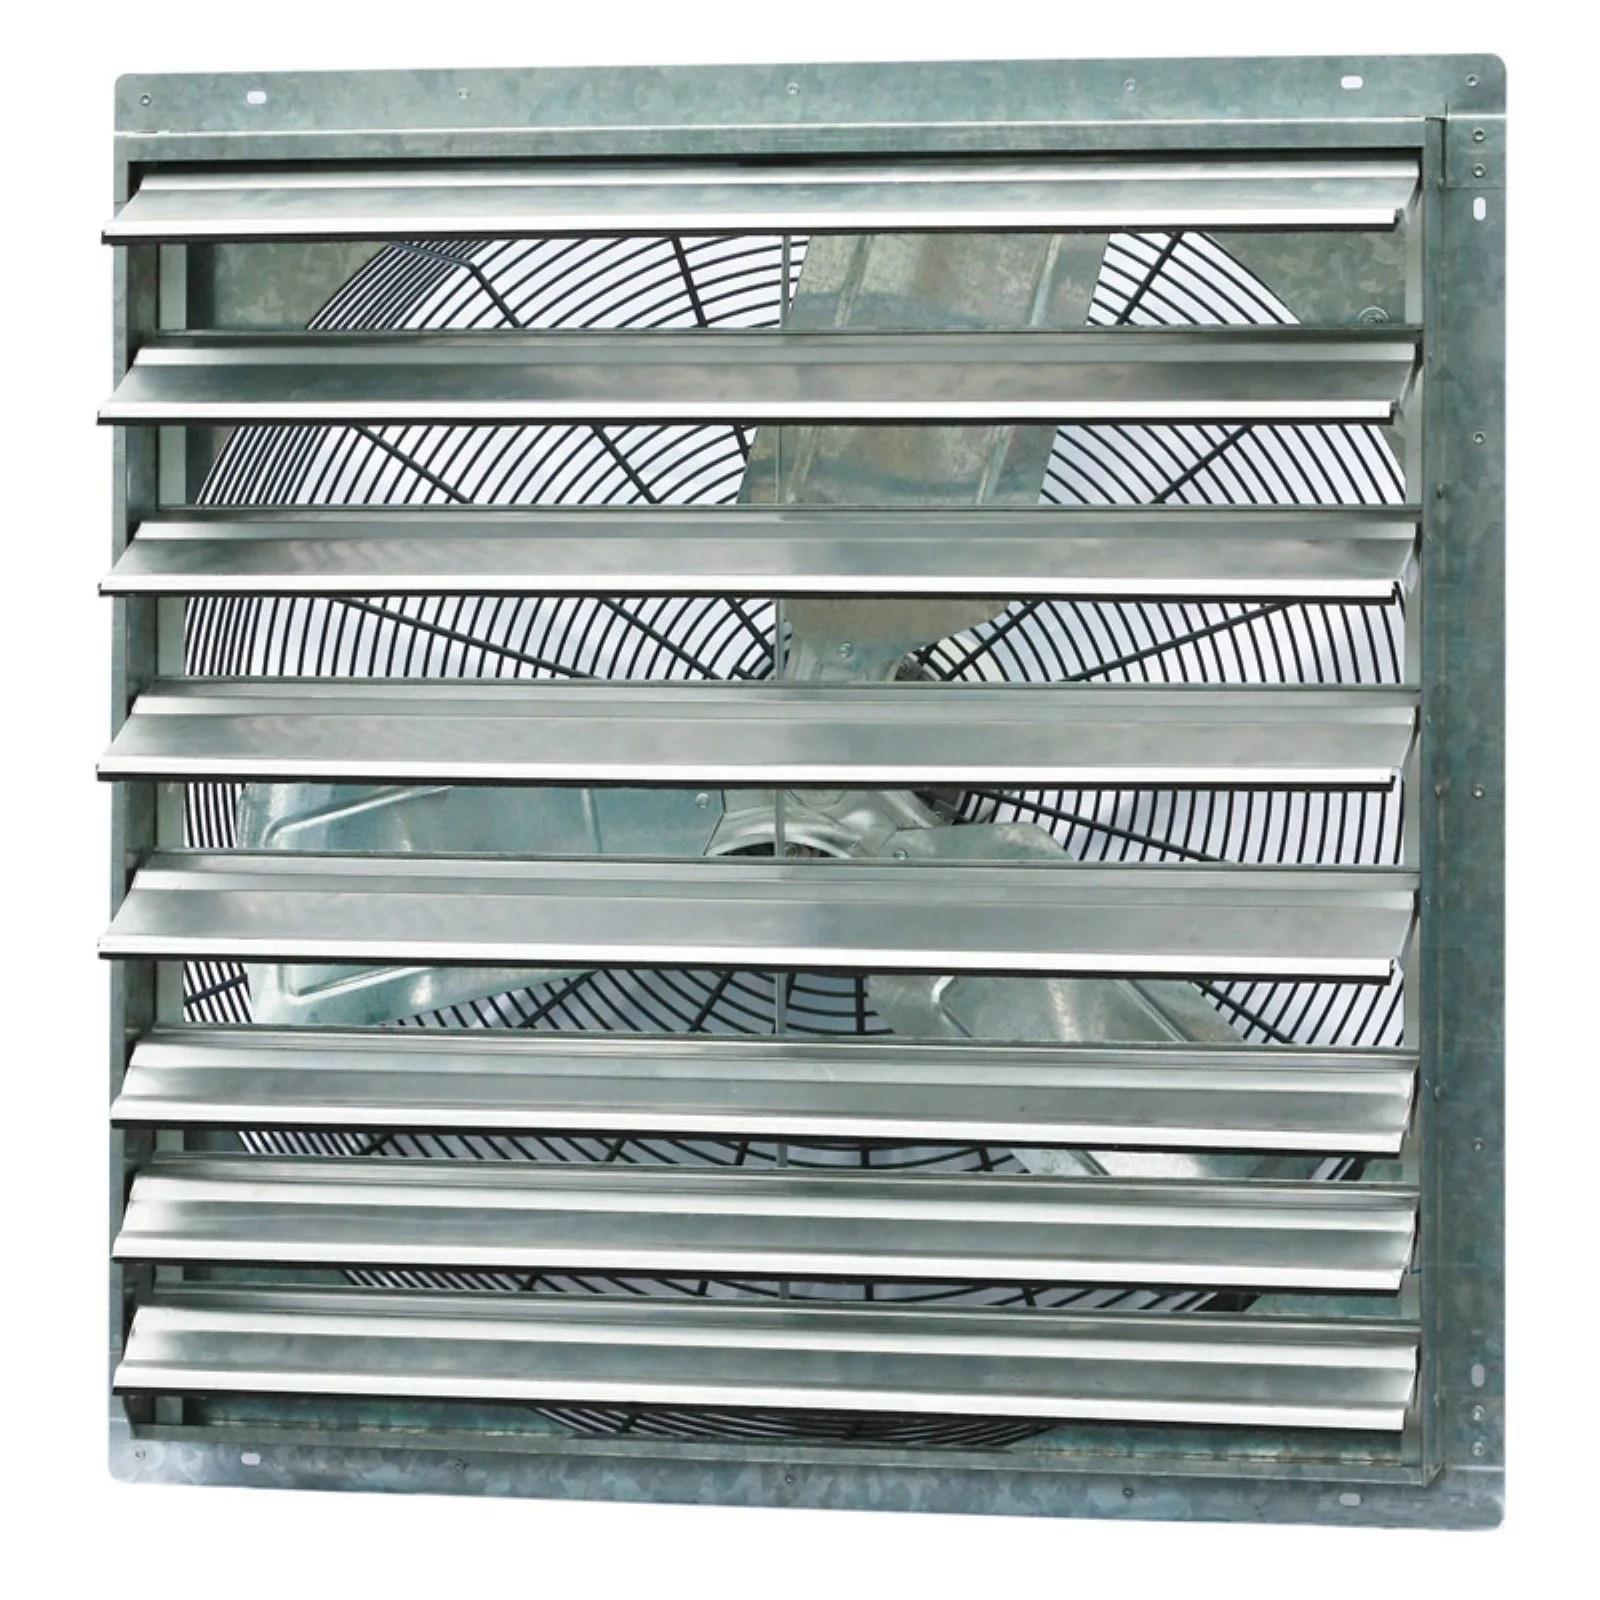 iliving 30 single speed shutter exhaust fan wall mounted walmart com